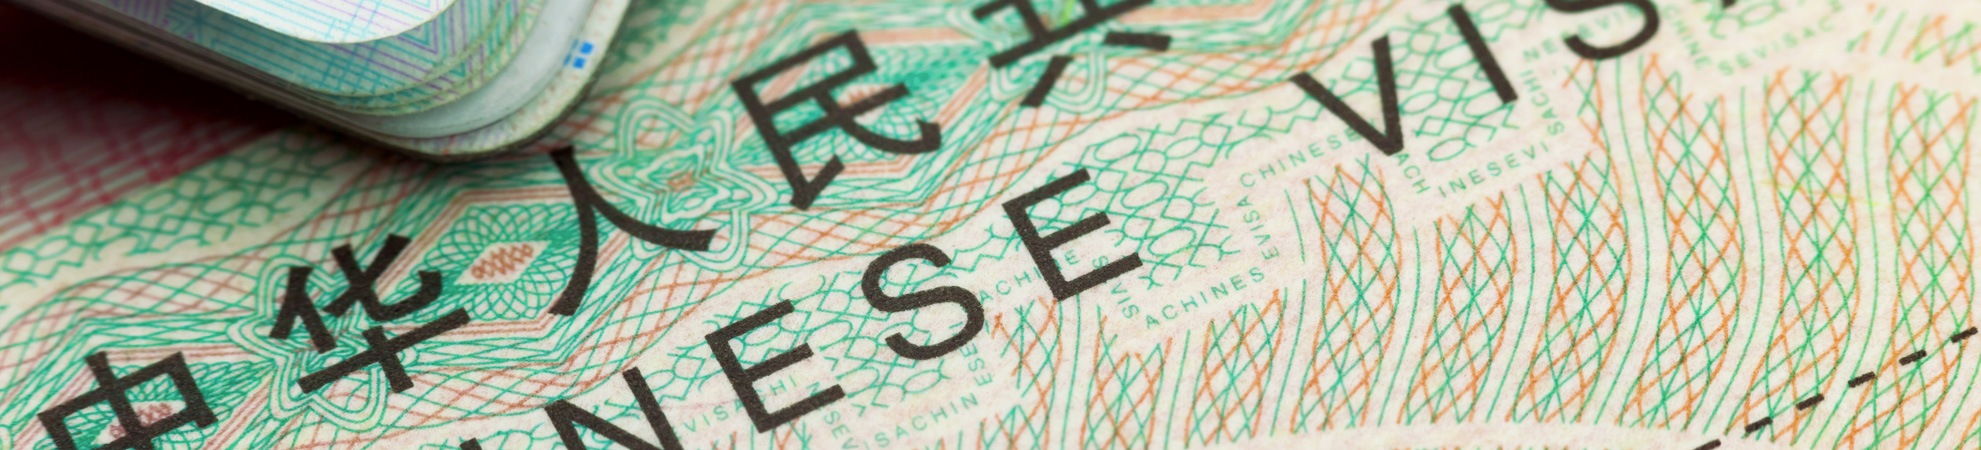 Formalités et visa pour un pays tel que la Chine